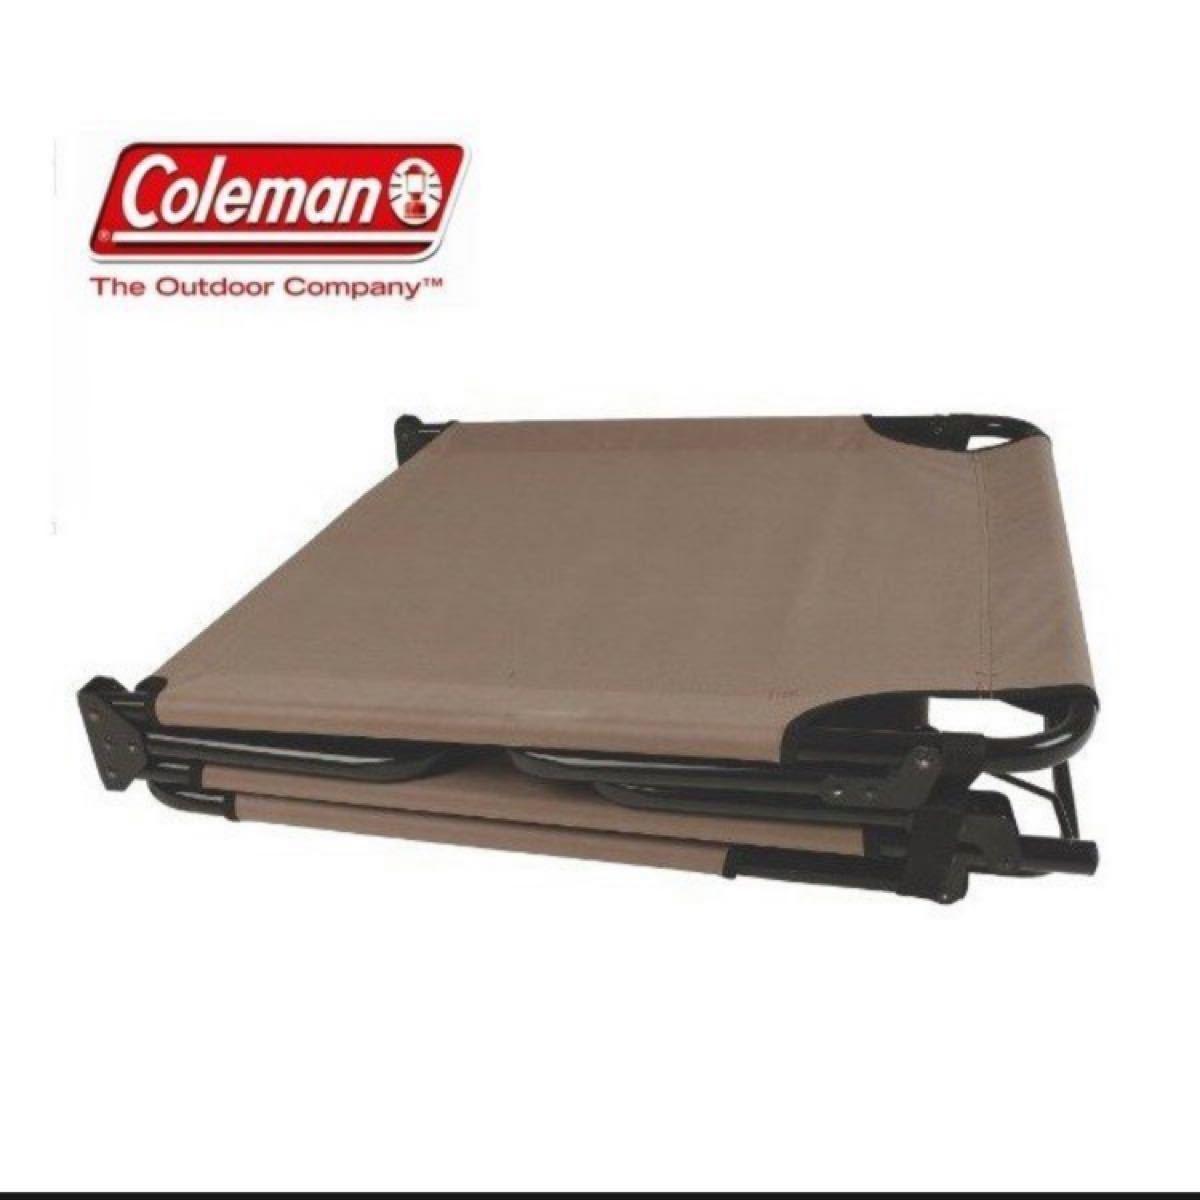 コールマン リクライニングチェア Coleman サマーベッド キャンプ 海水浴 コット 折りたたみベッド